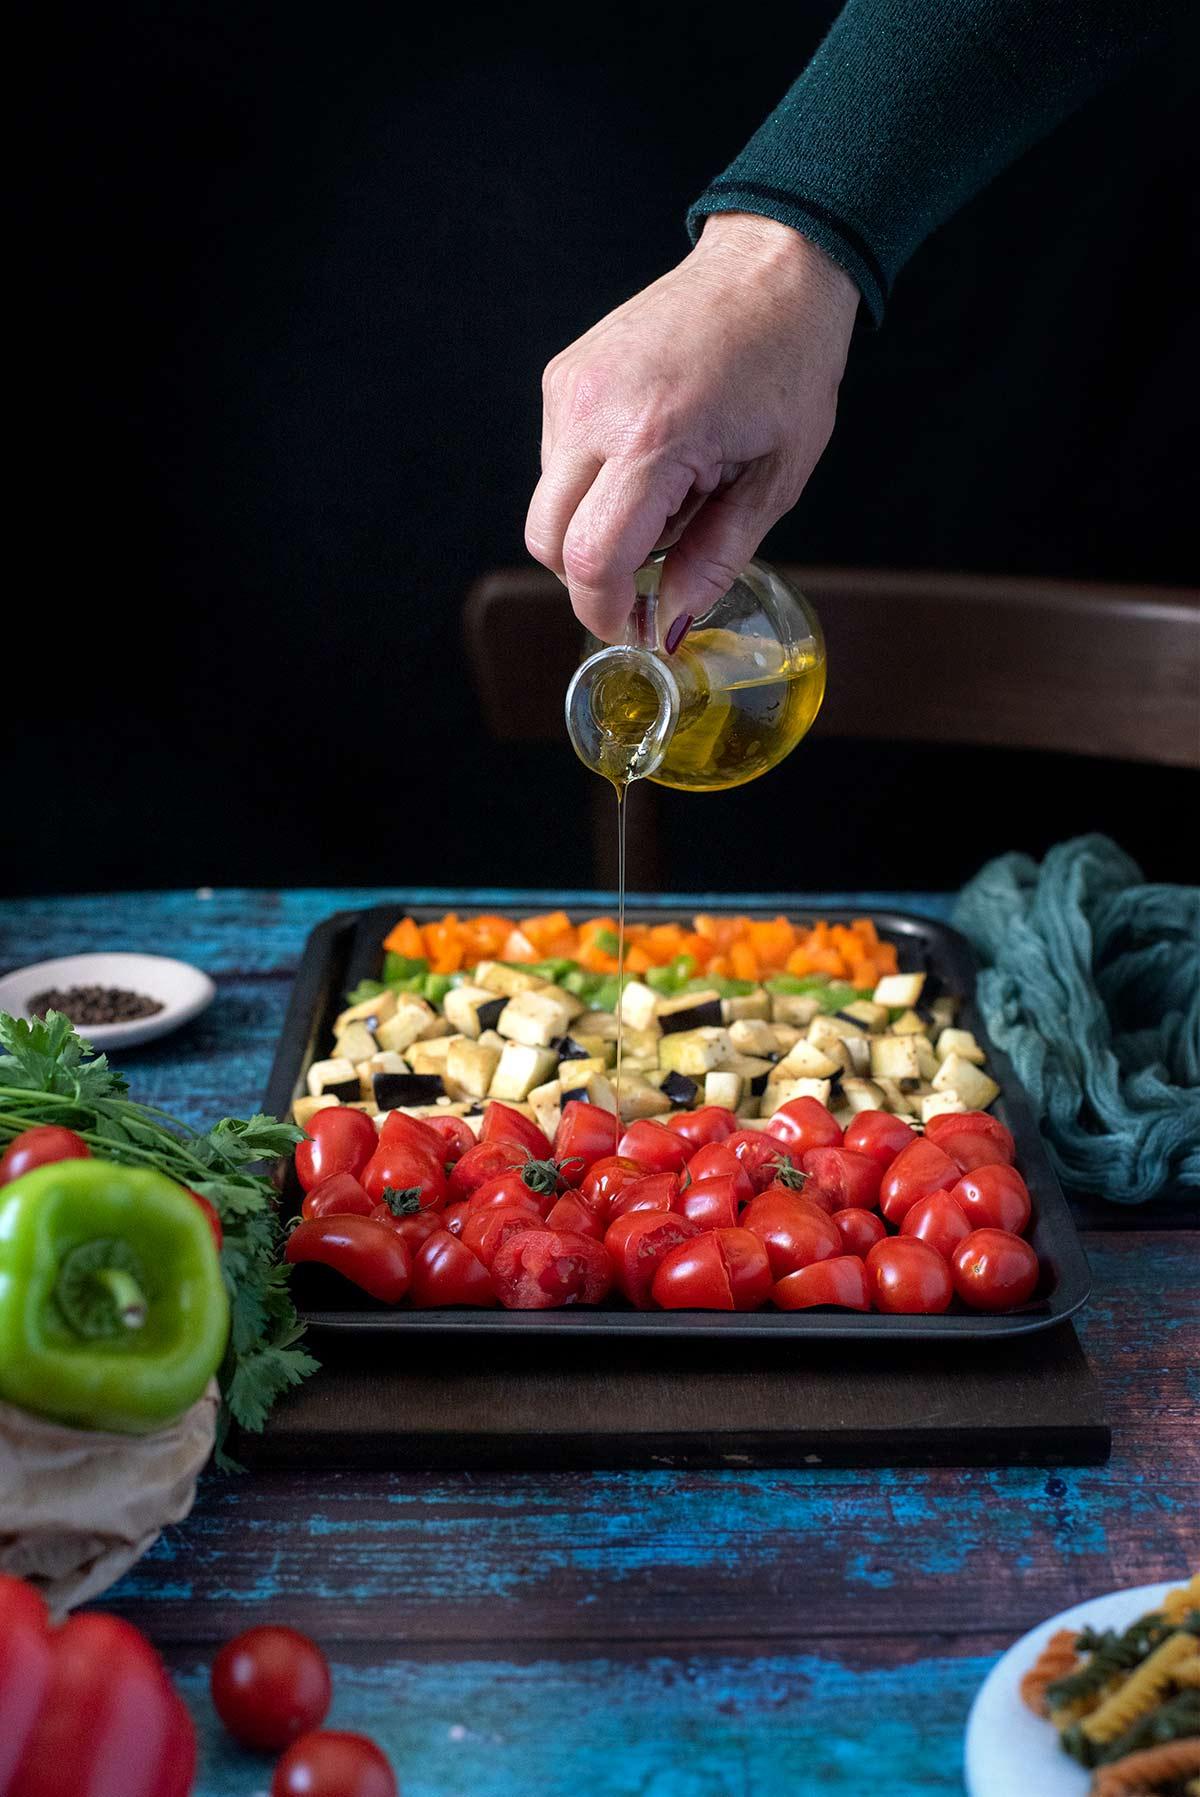 νηστίσιμα vegan, ζυμαρικά, μακαρόνια, ψητά ντοματίνια, μελιτζάνα, λαχανικά